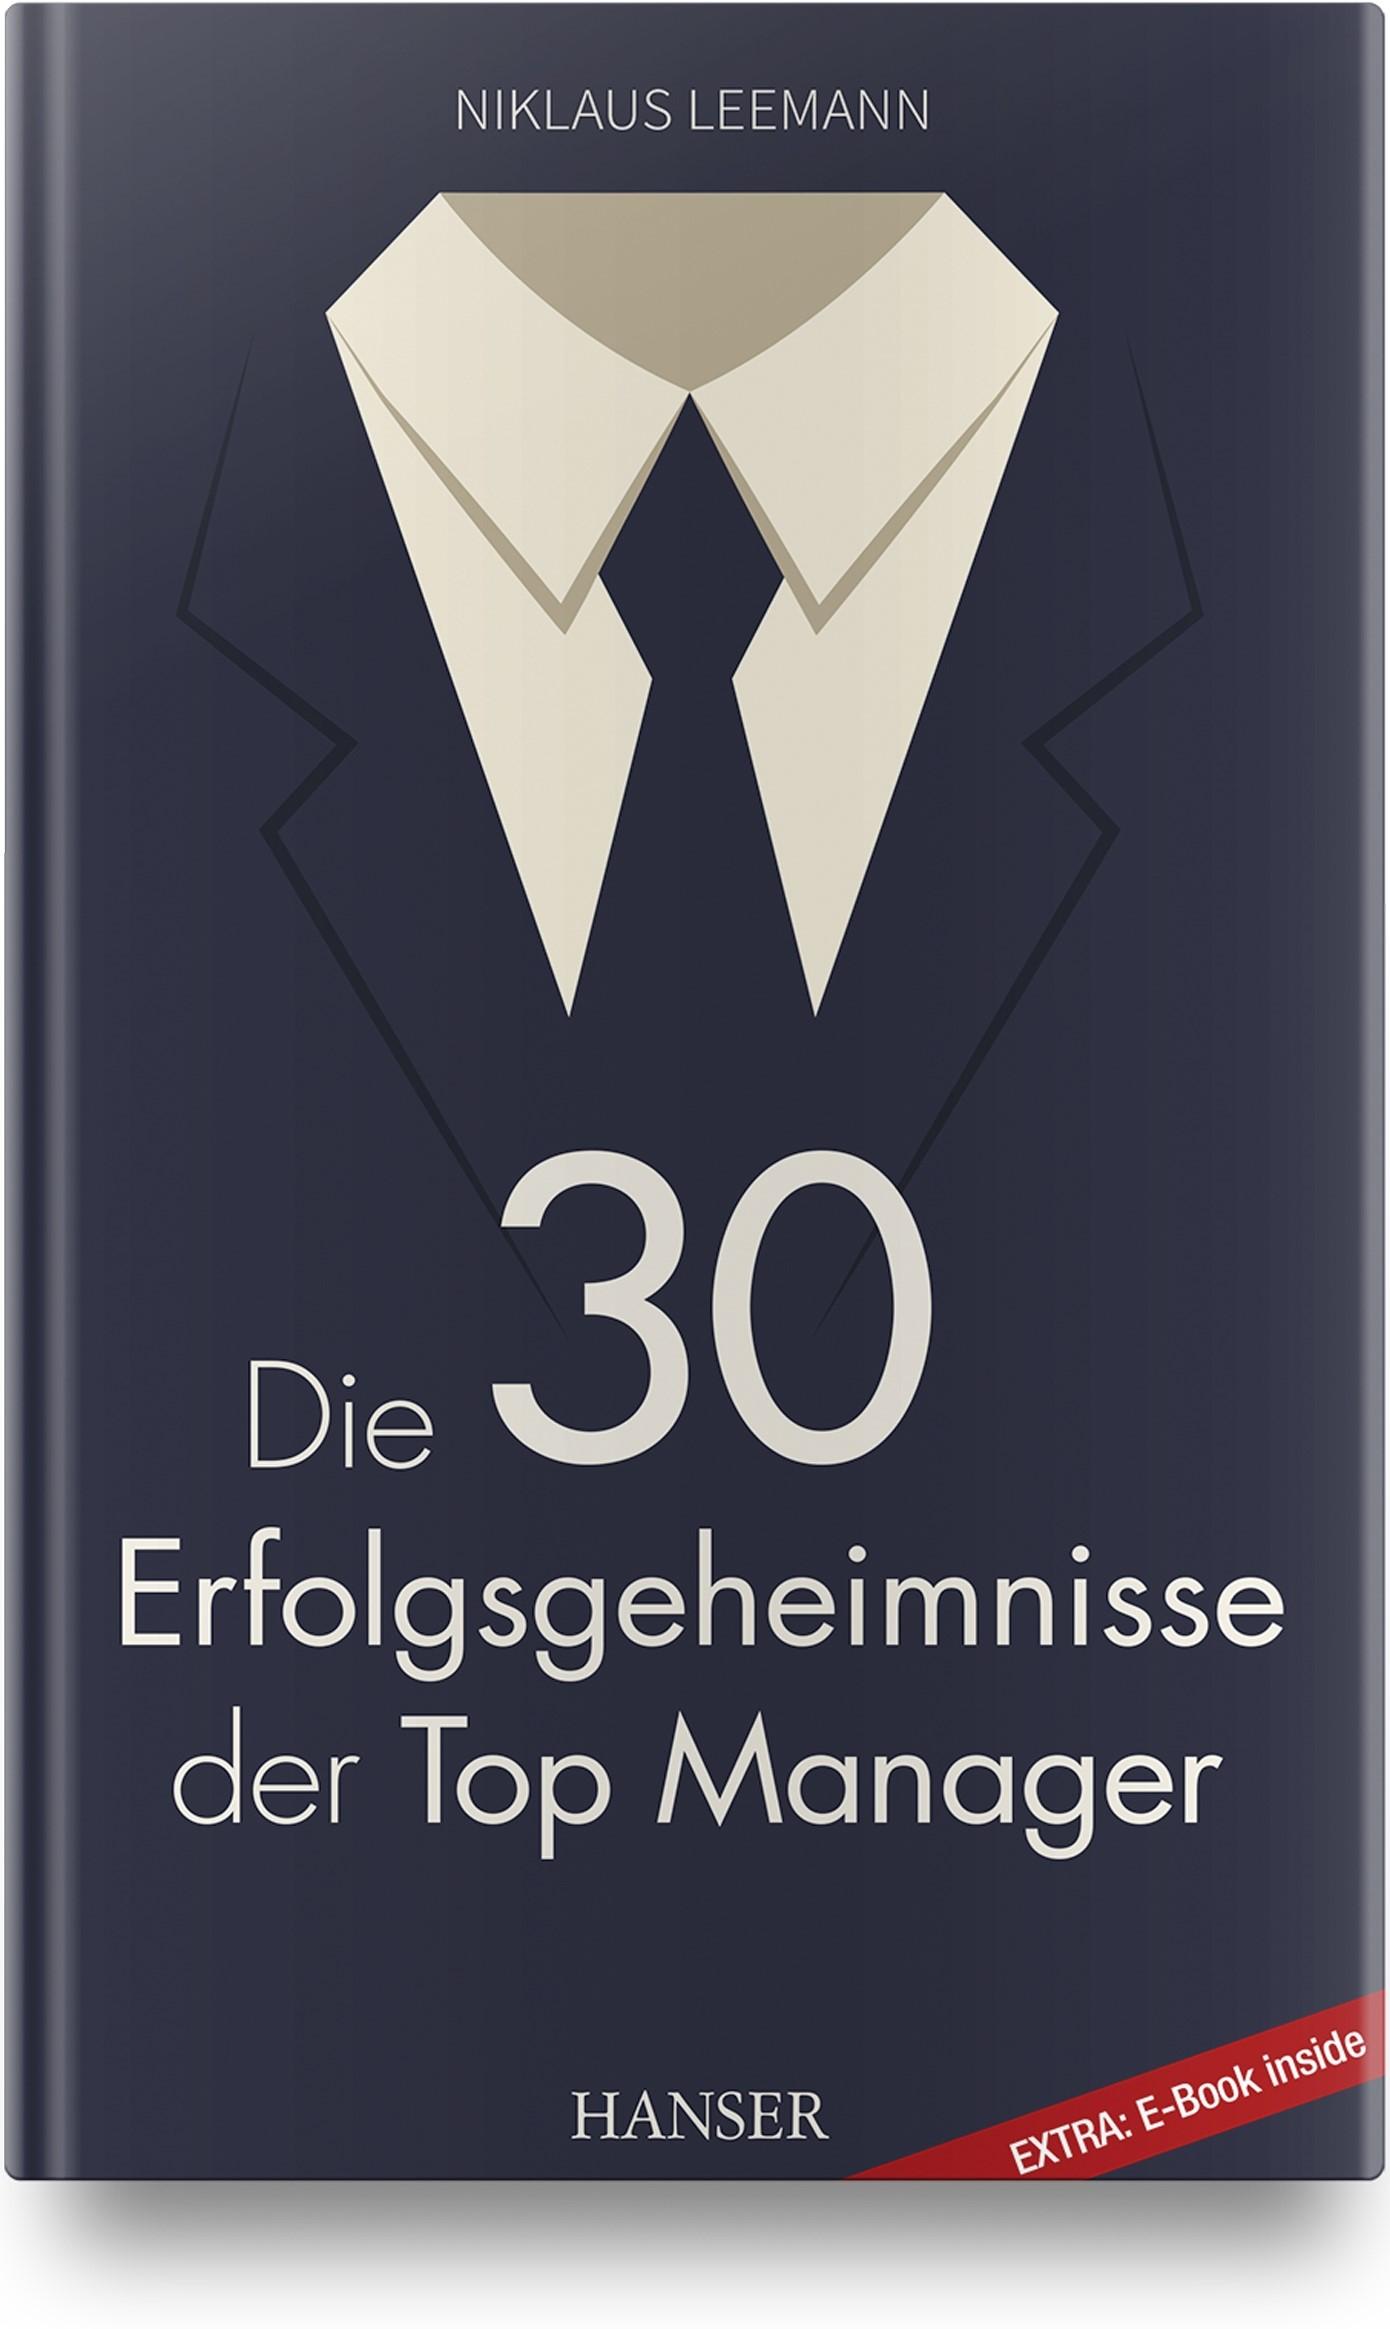 Die 30 Erfolgsgeheimnisse der Top Manager | Leemann, 2019 | Buch (Cover)